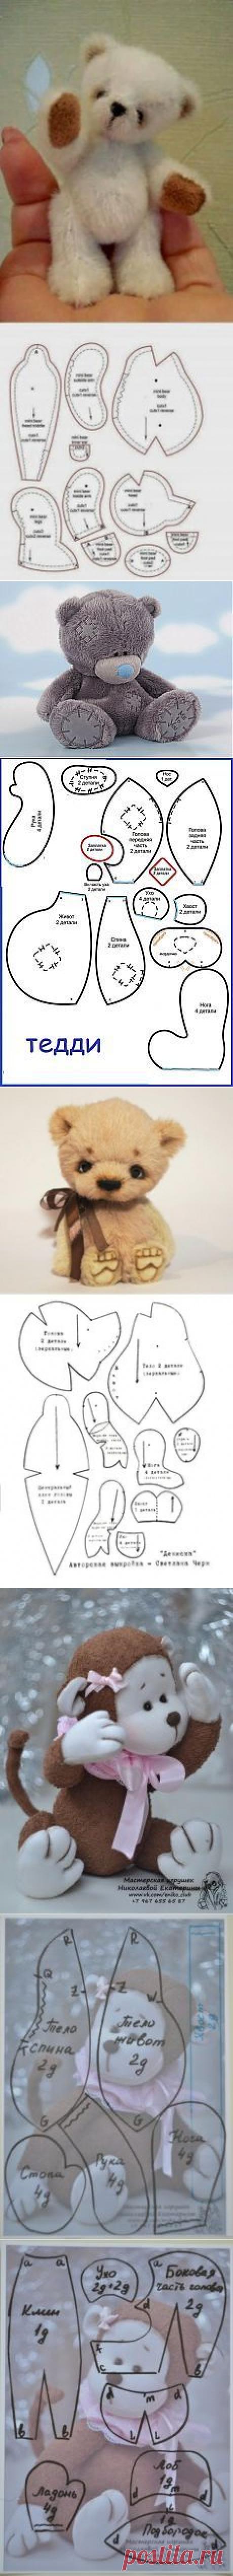 (80) Osos de peluche en miniatura y otra muñeca SERIE juguetes en sus manos. | # Old & News Bears #